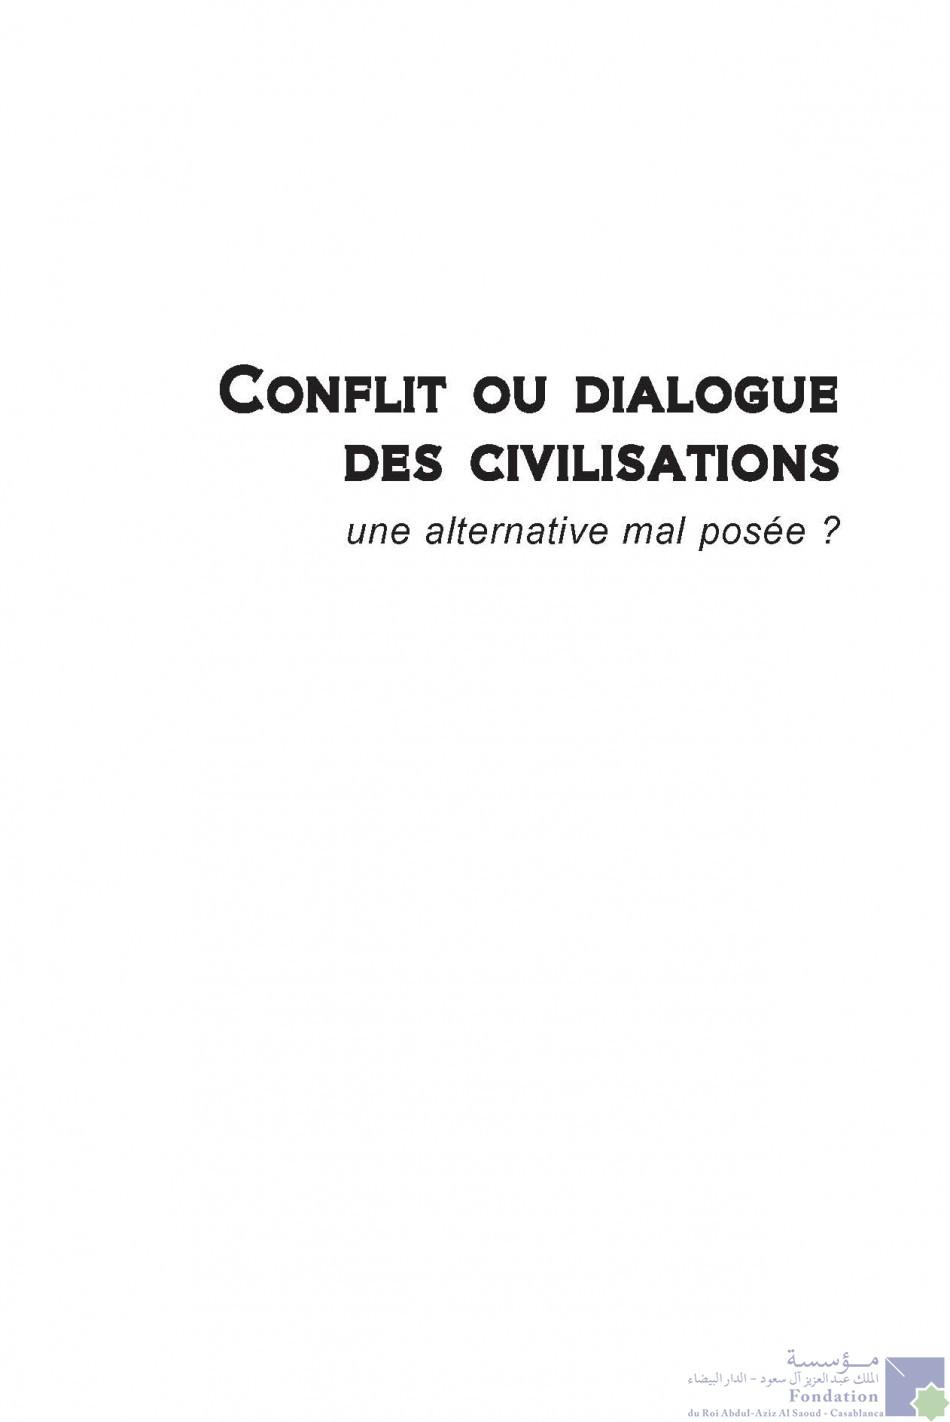 Conflit ou dialogue des civilisations